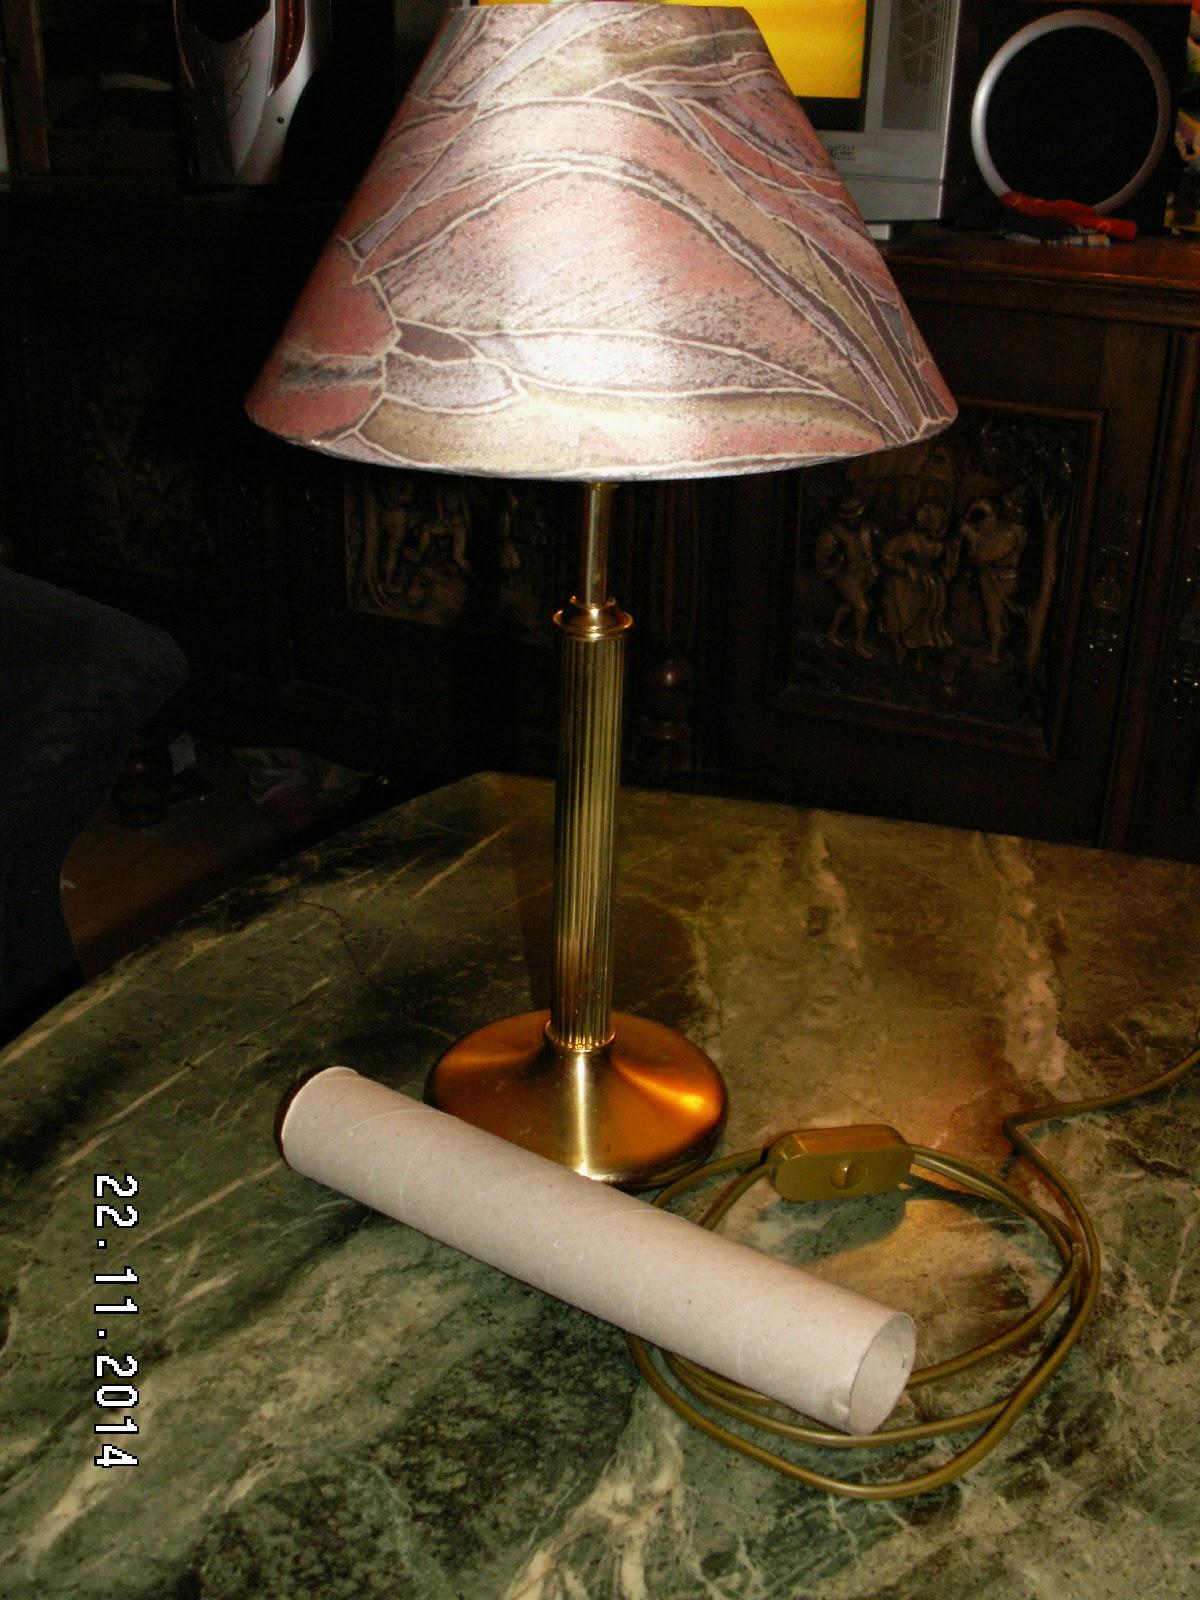 nadeltwister fussball lampe geh kelt. Black Bedroom Furniture Sets. Home Design Ideas